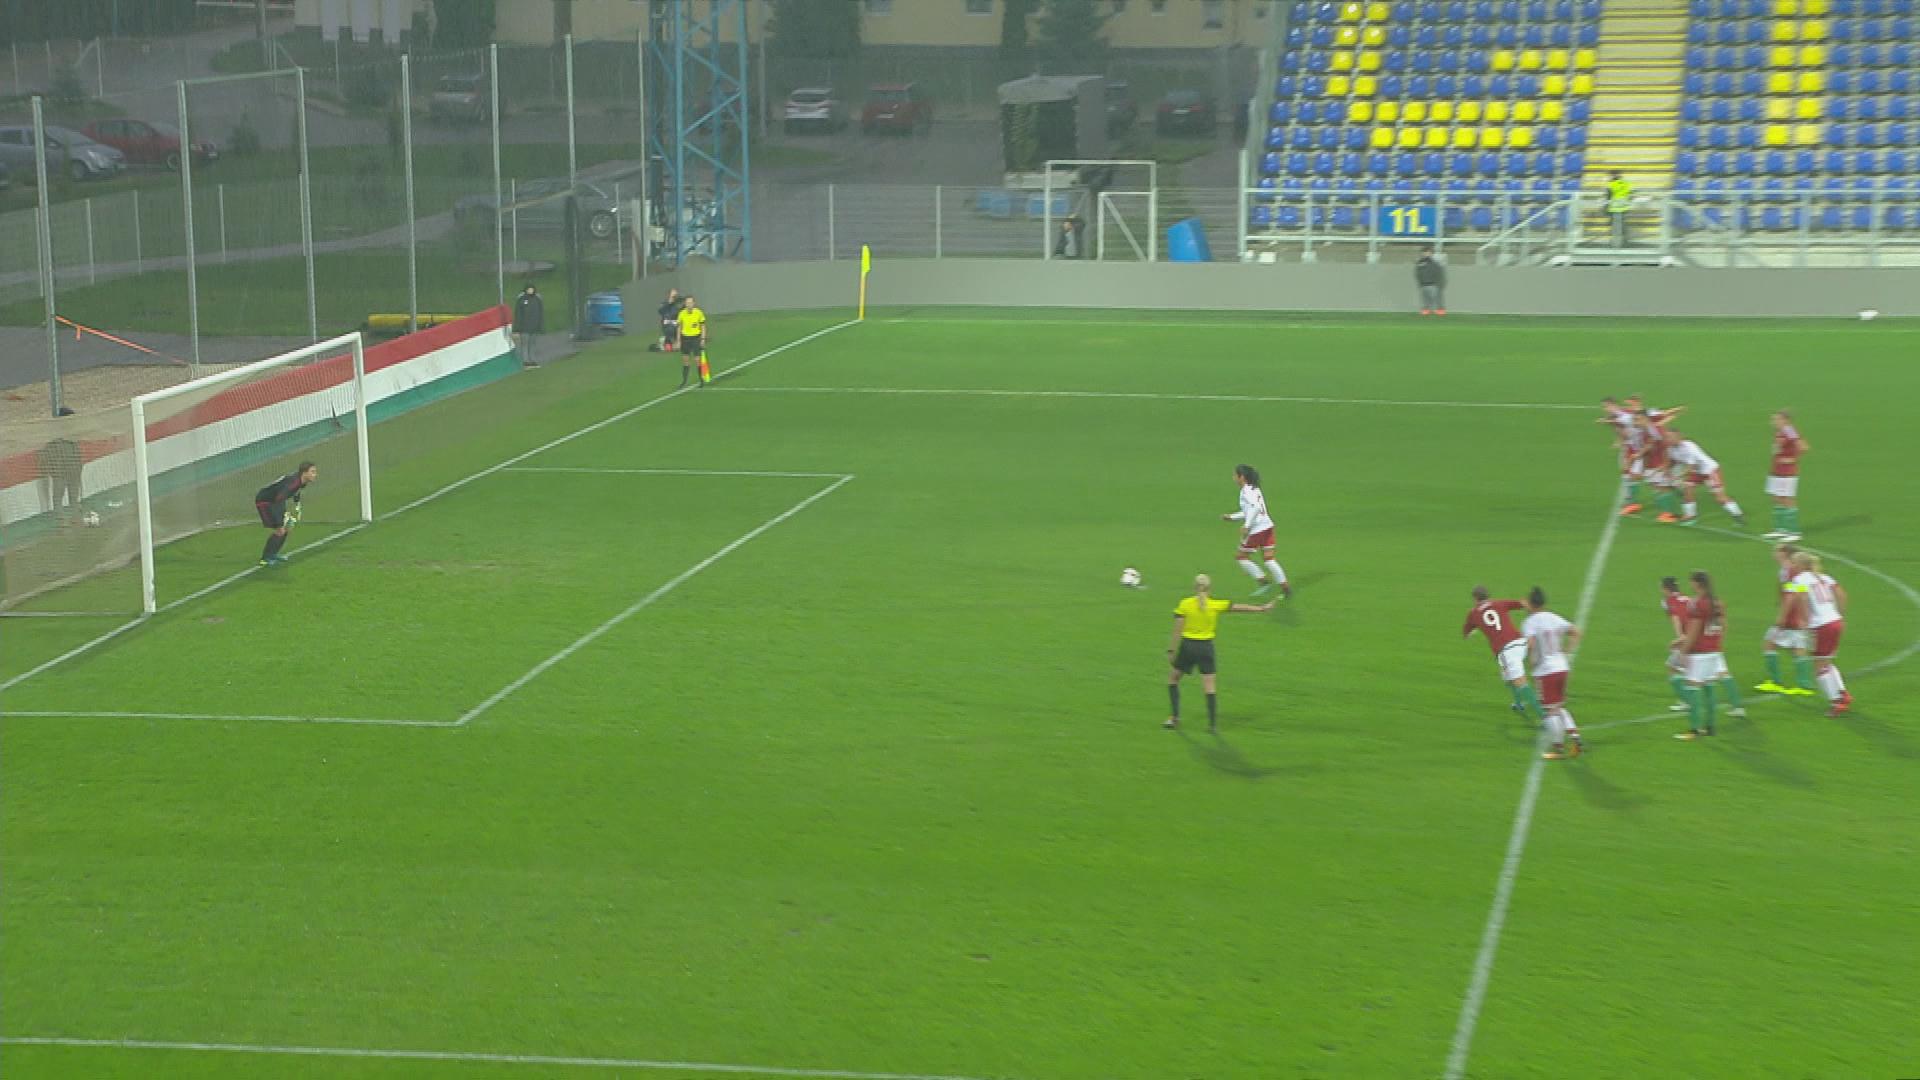 mln_a_uds.kopi_._fodbold._ungarn_-_danmark_k-18.29.54.11.jpeg